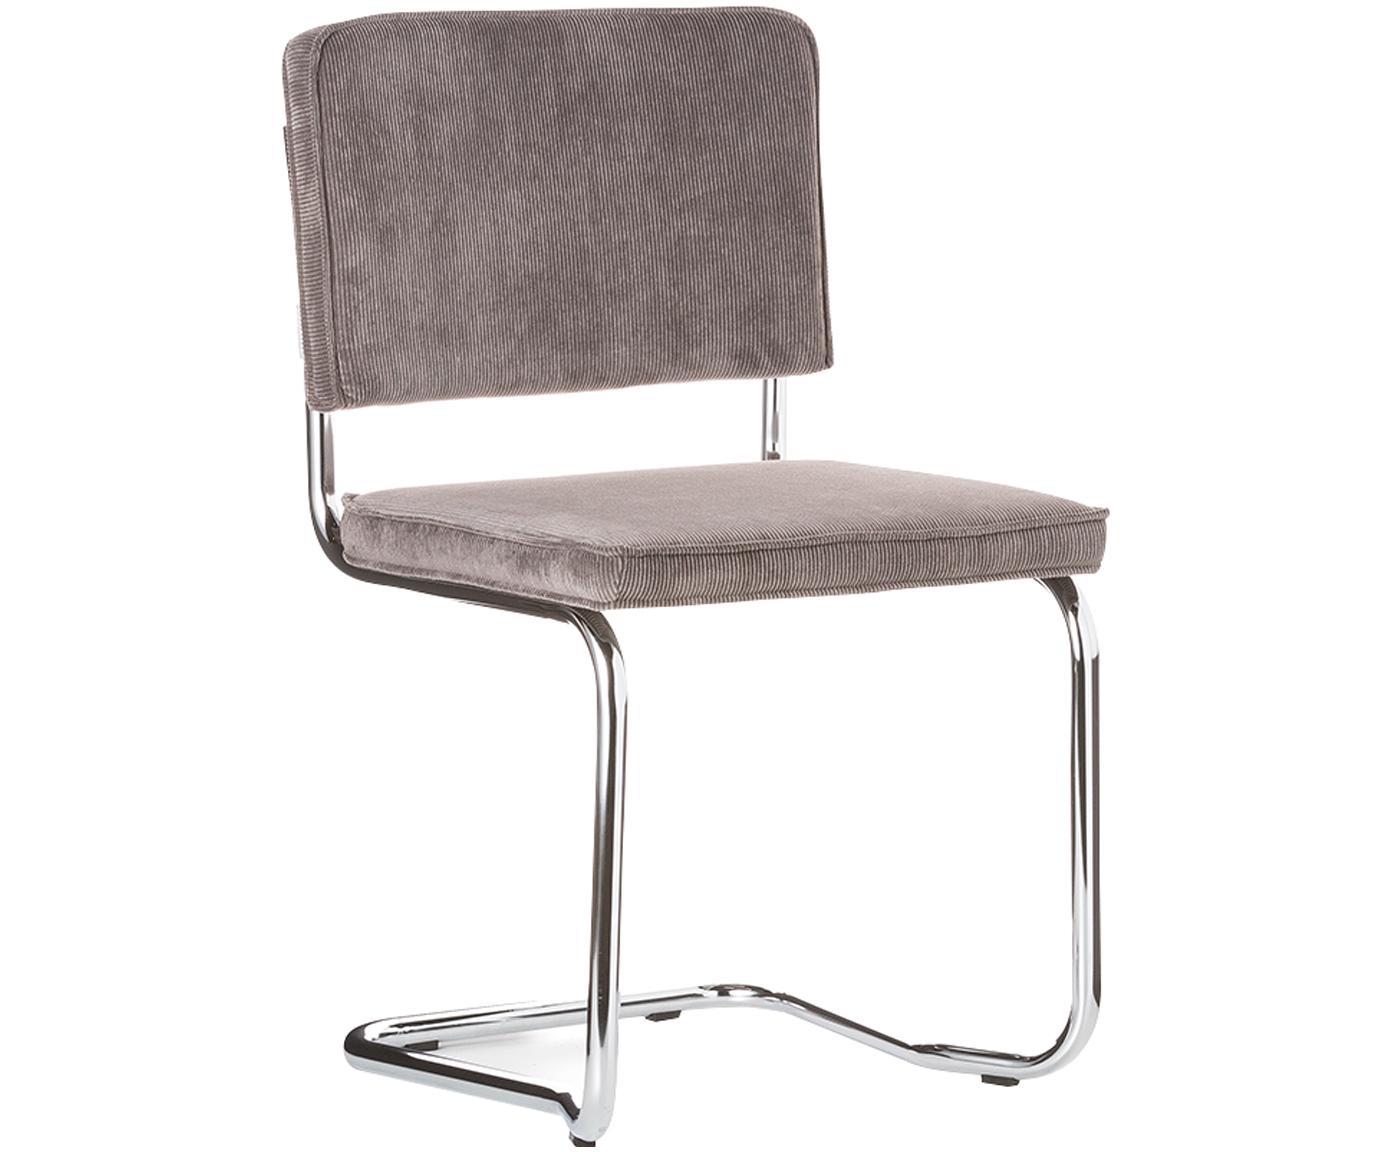 Sedia cantilever Ridge Kink Chair, Rivestimento: 88% nylon, 12% poliestere, Struttura: metallo, cromato Il rives, Grigio, Larg. 48 x Alt. 85 cm